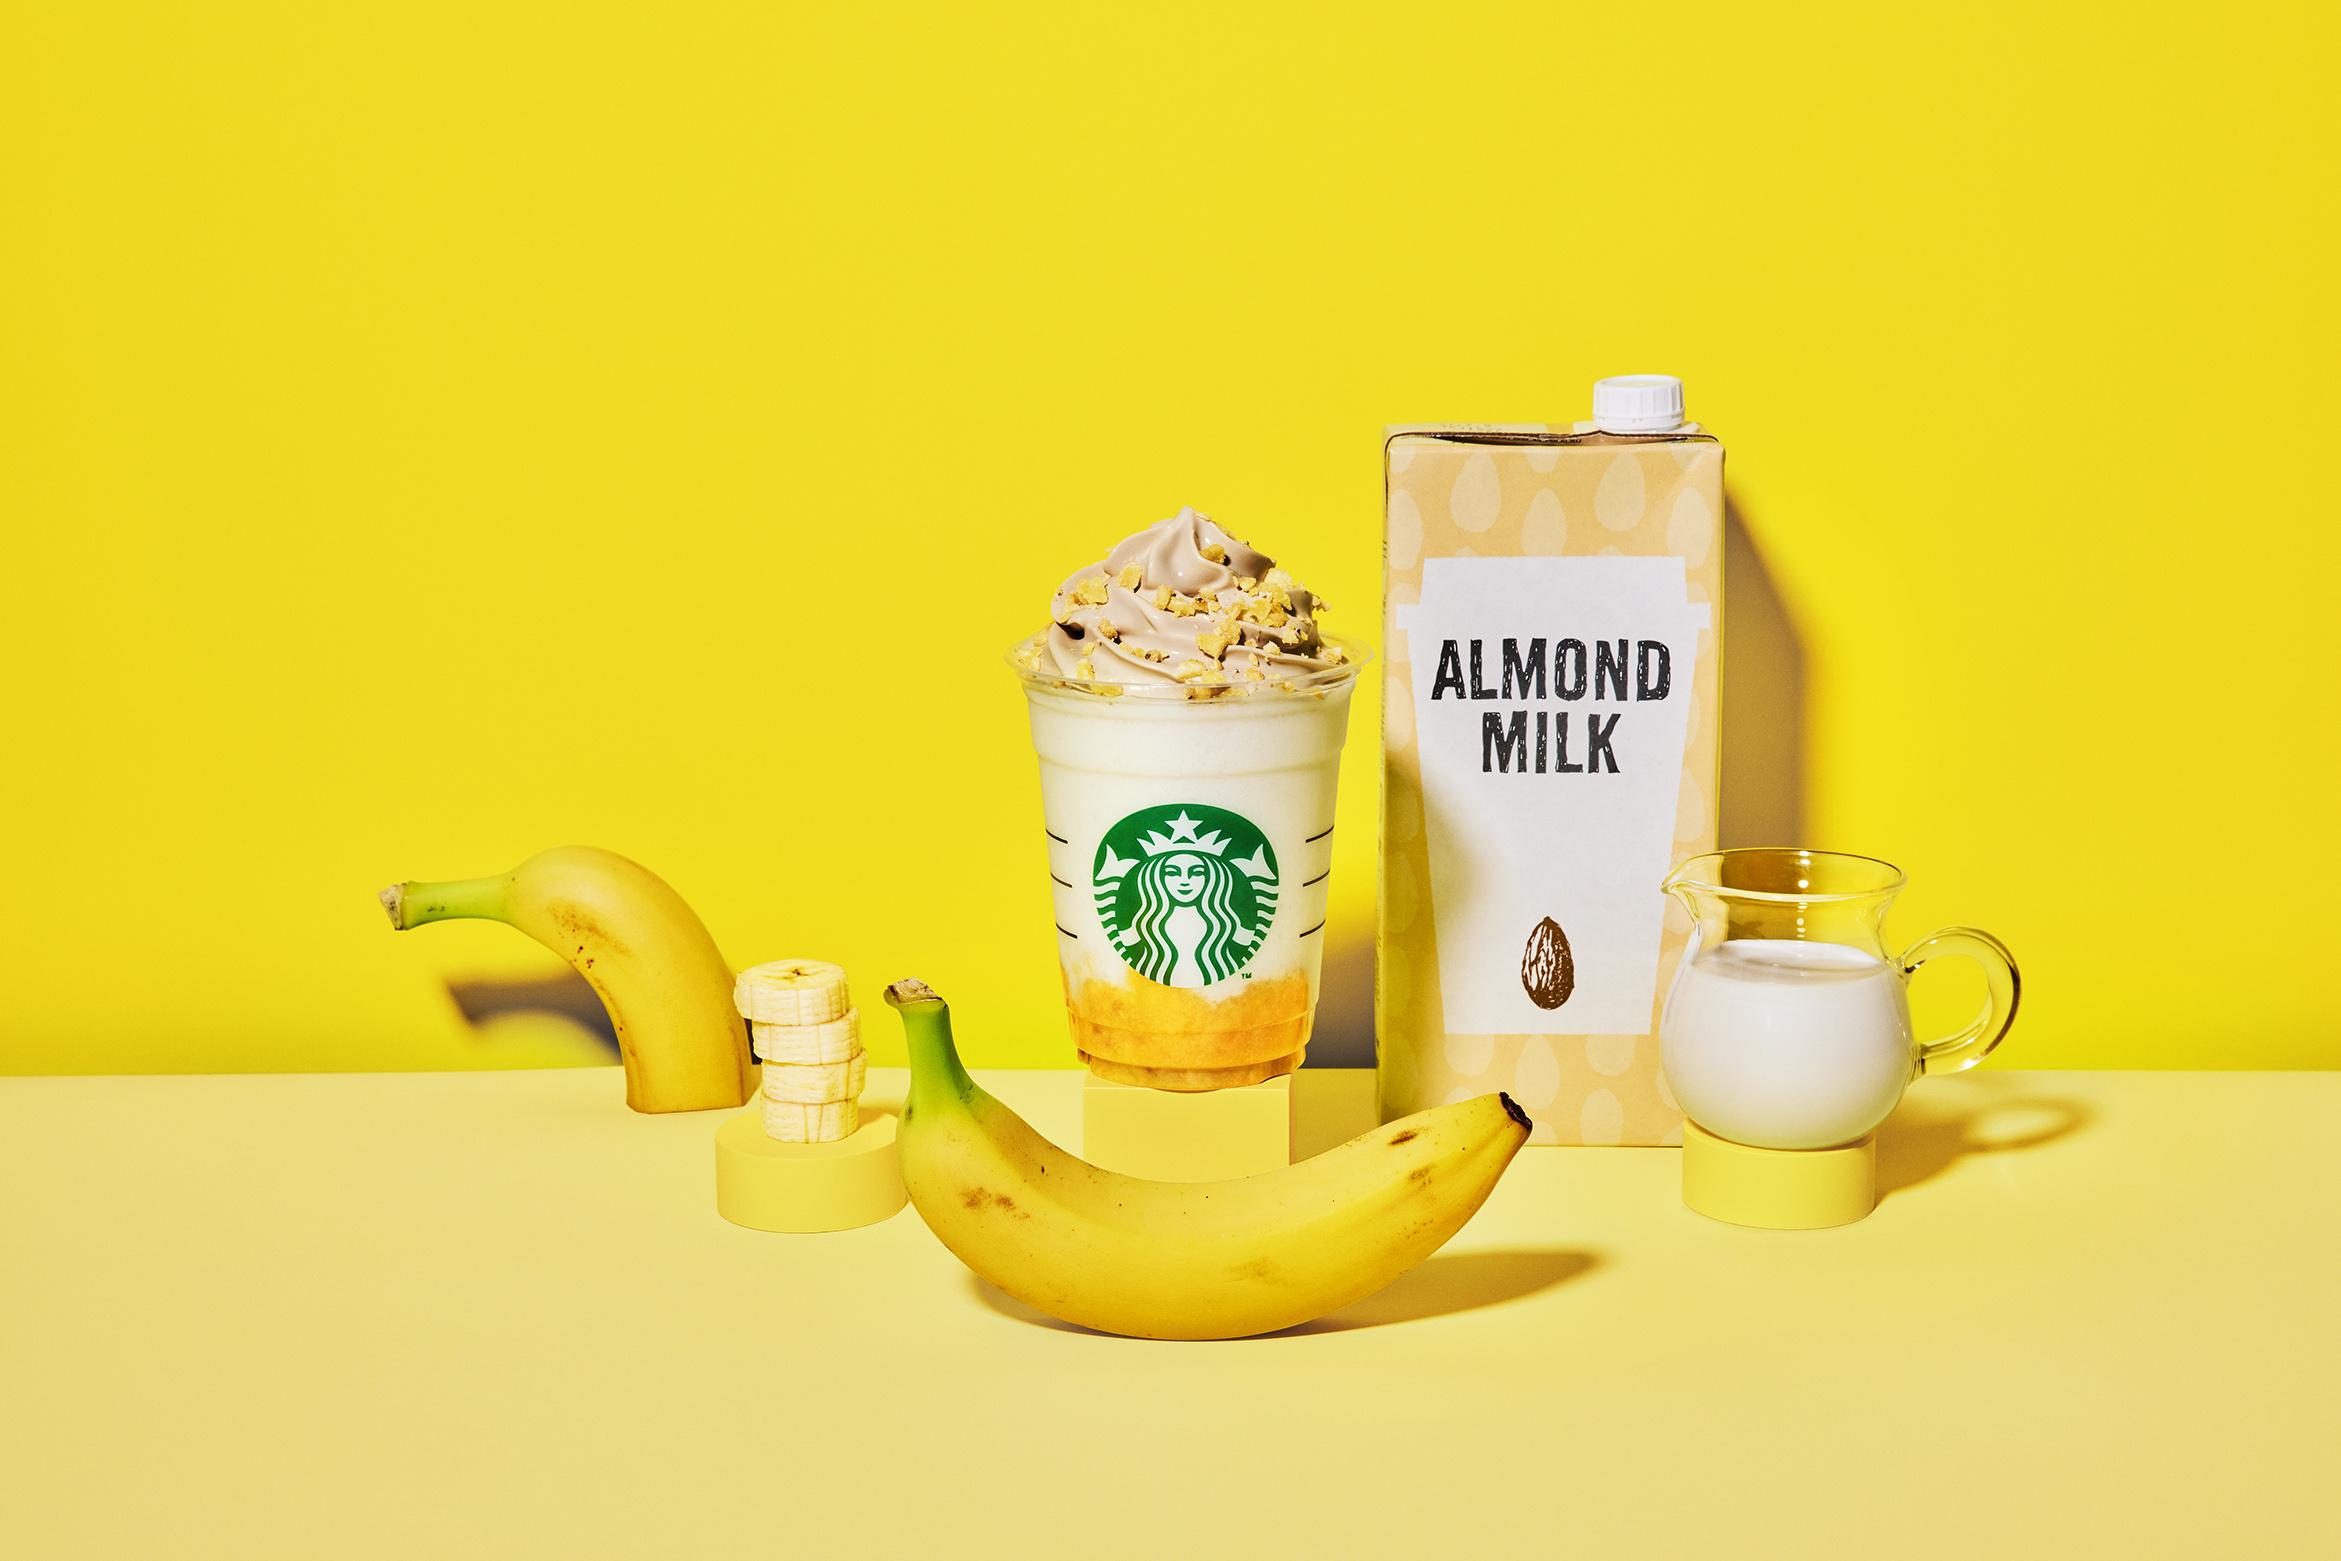 バナナンアーモンドミルク フラペチーノ®︎